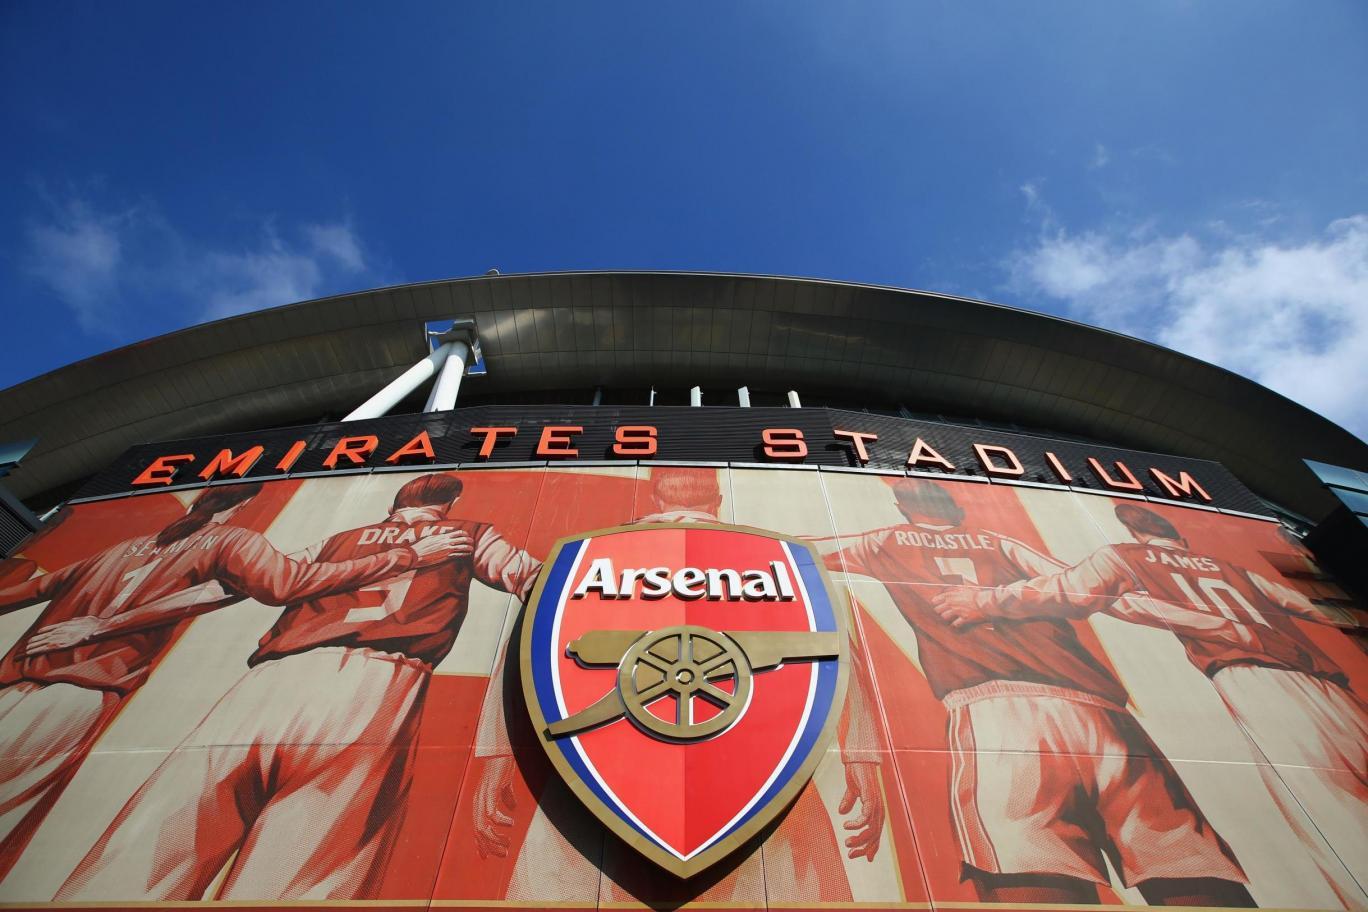 La prima ICO che sponsorizza una squadra di calcio mondiale come Arsenal FC - La prima ICO che sponsorizza una squadra di calcio mondiale come Arsenal FC